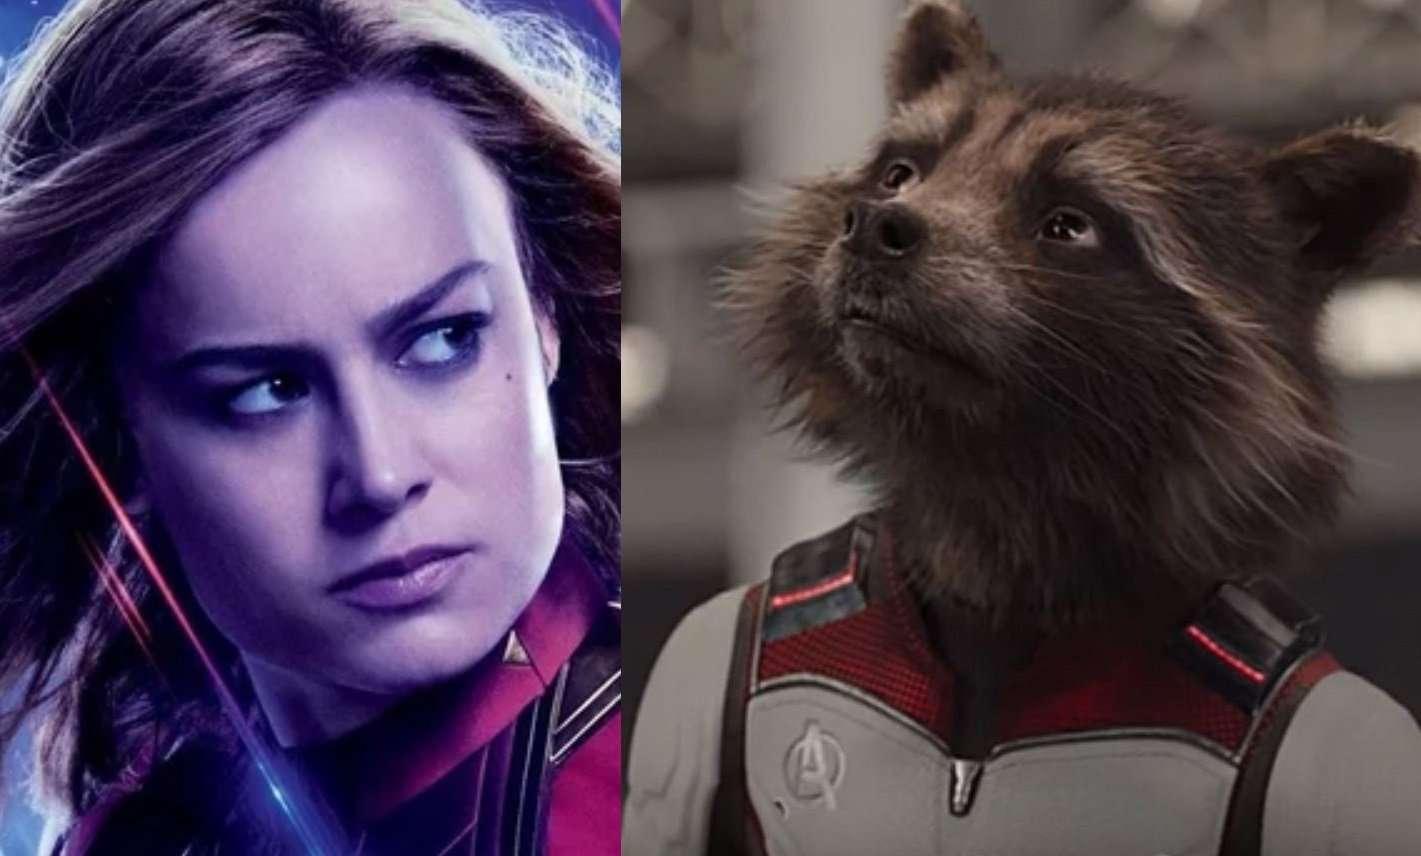 avengers-endgame-captain-marvel-rocket-raccoon.jpg